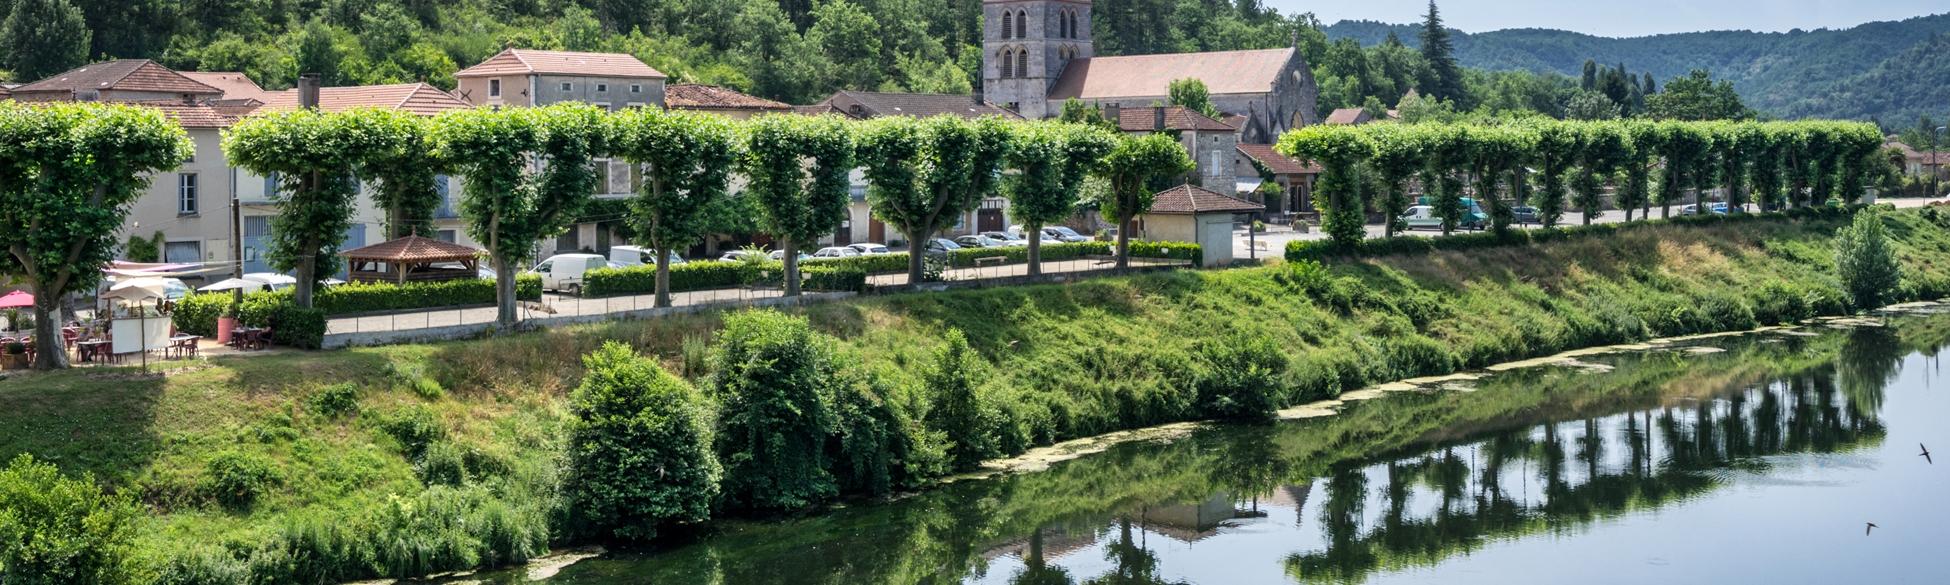 La France au fil de l'eau